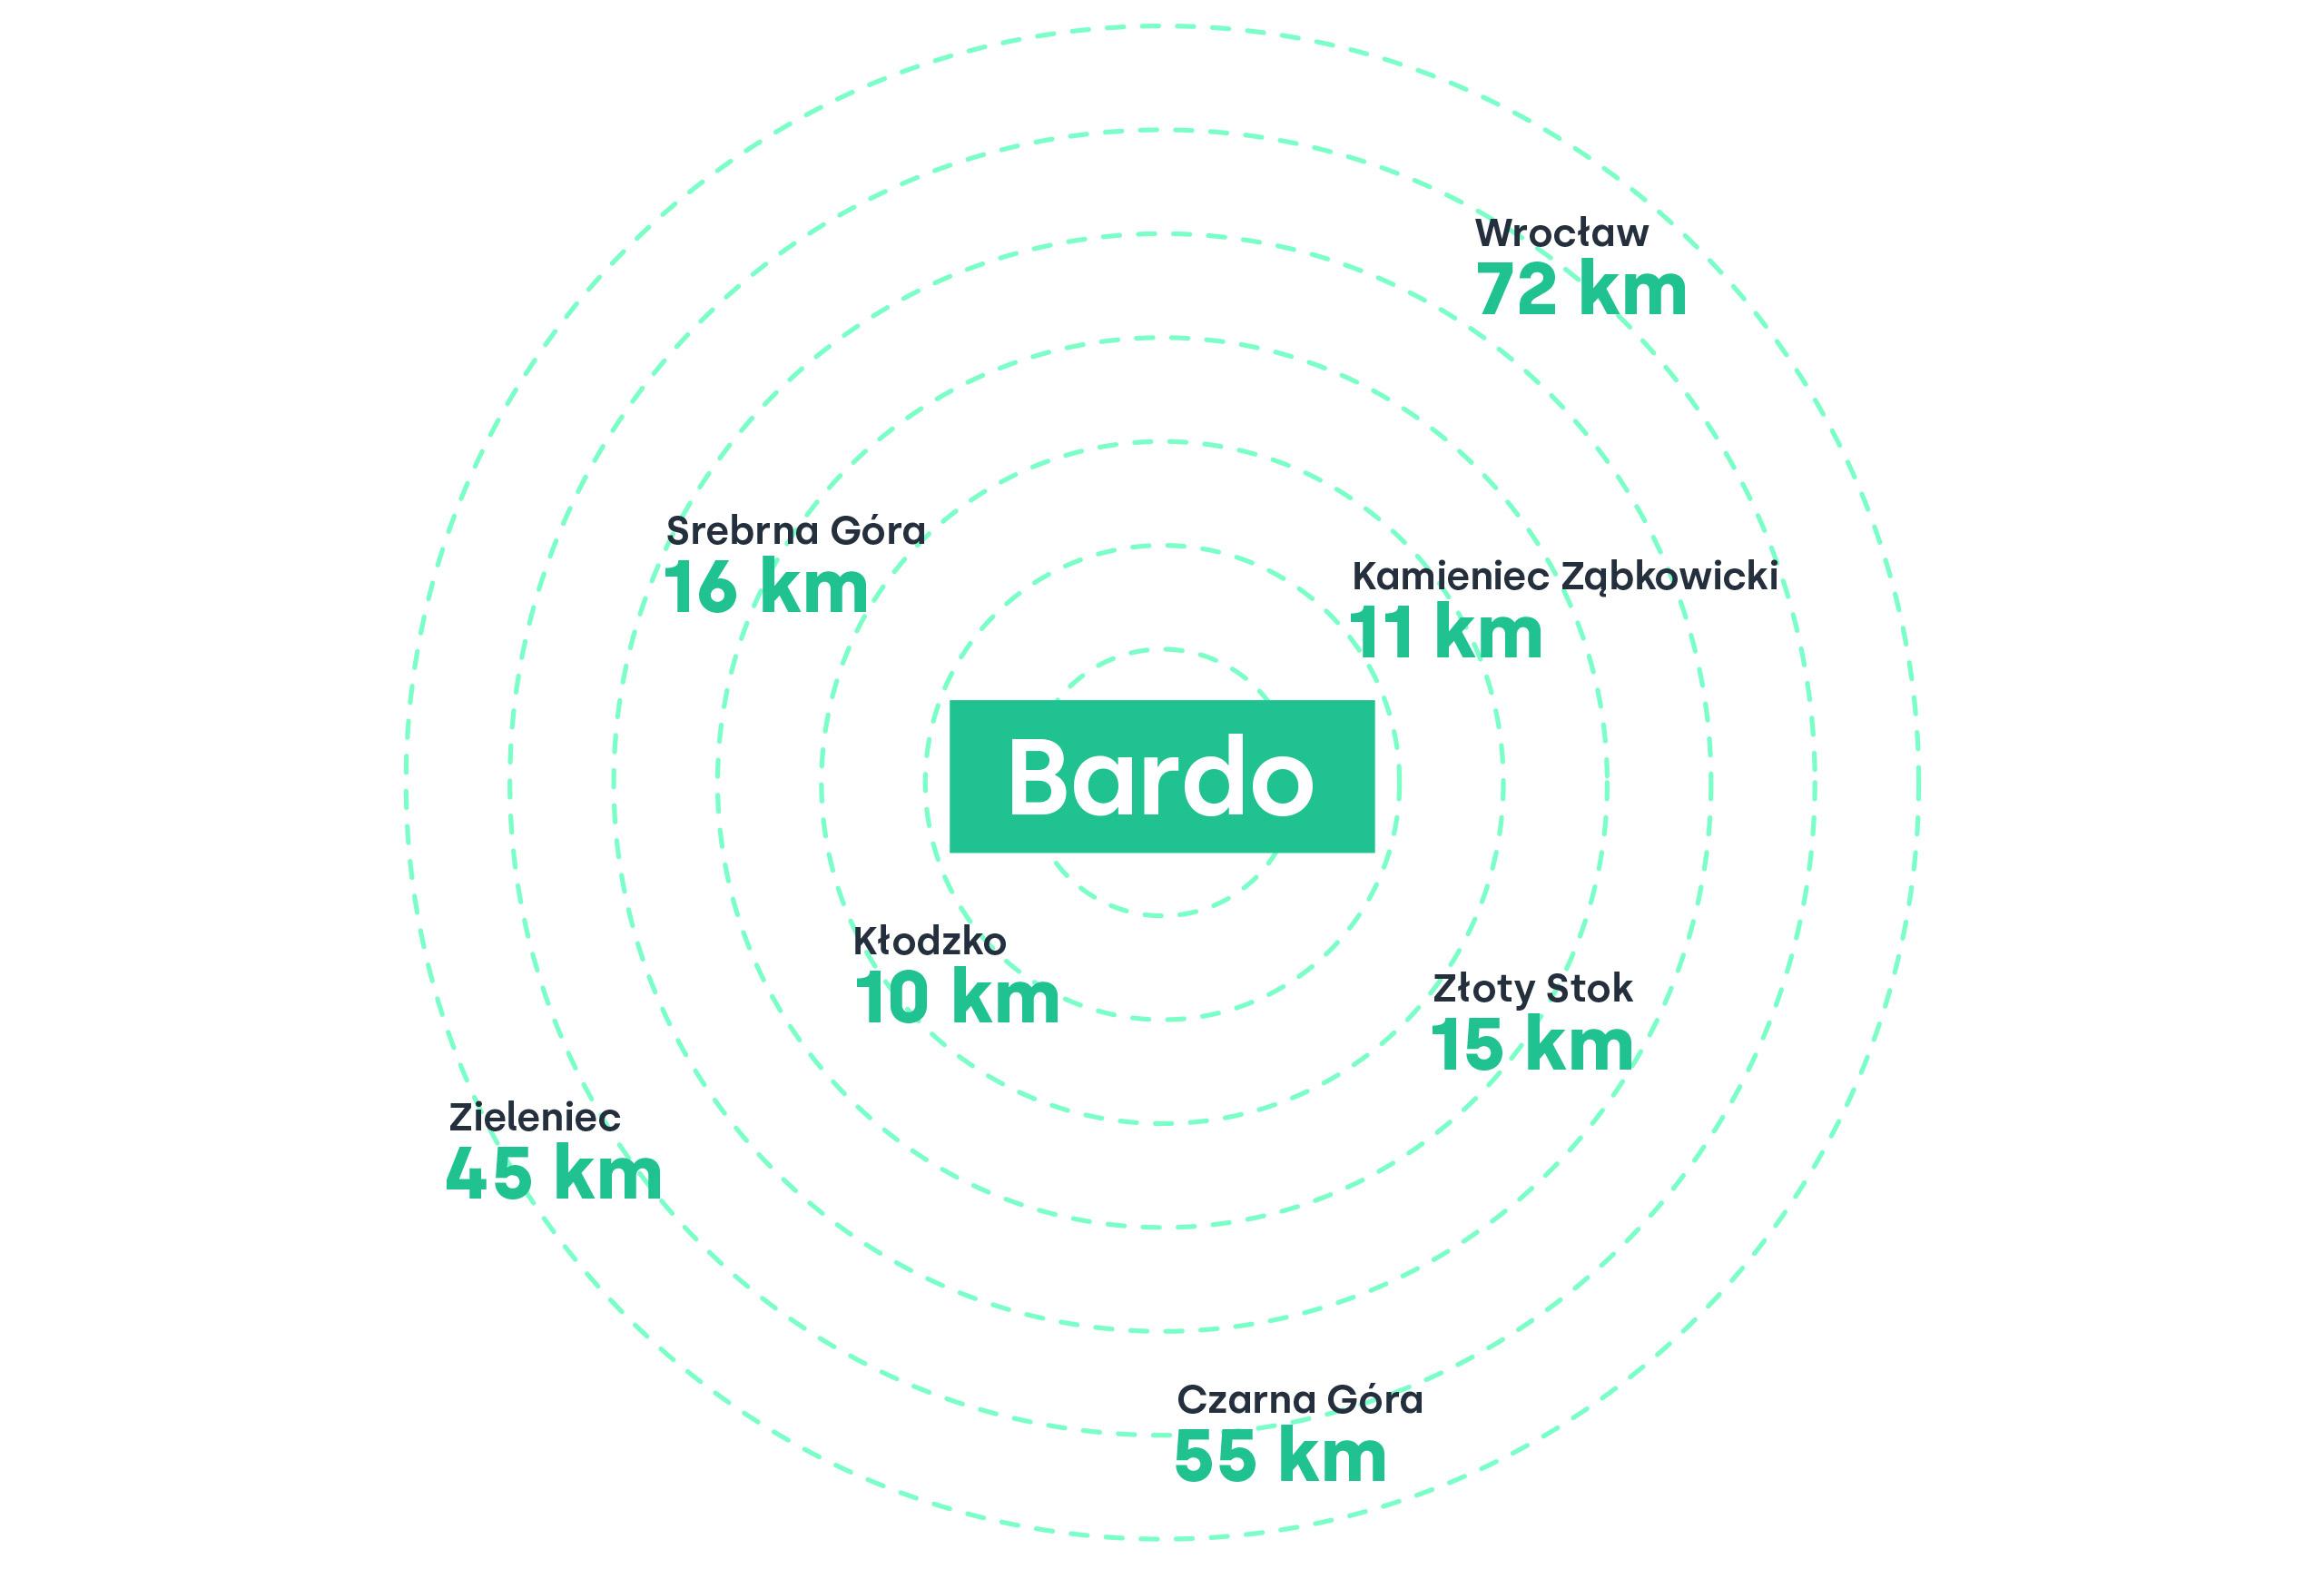 bardo-lokalizacja-odleglosci-2